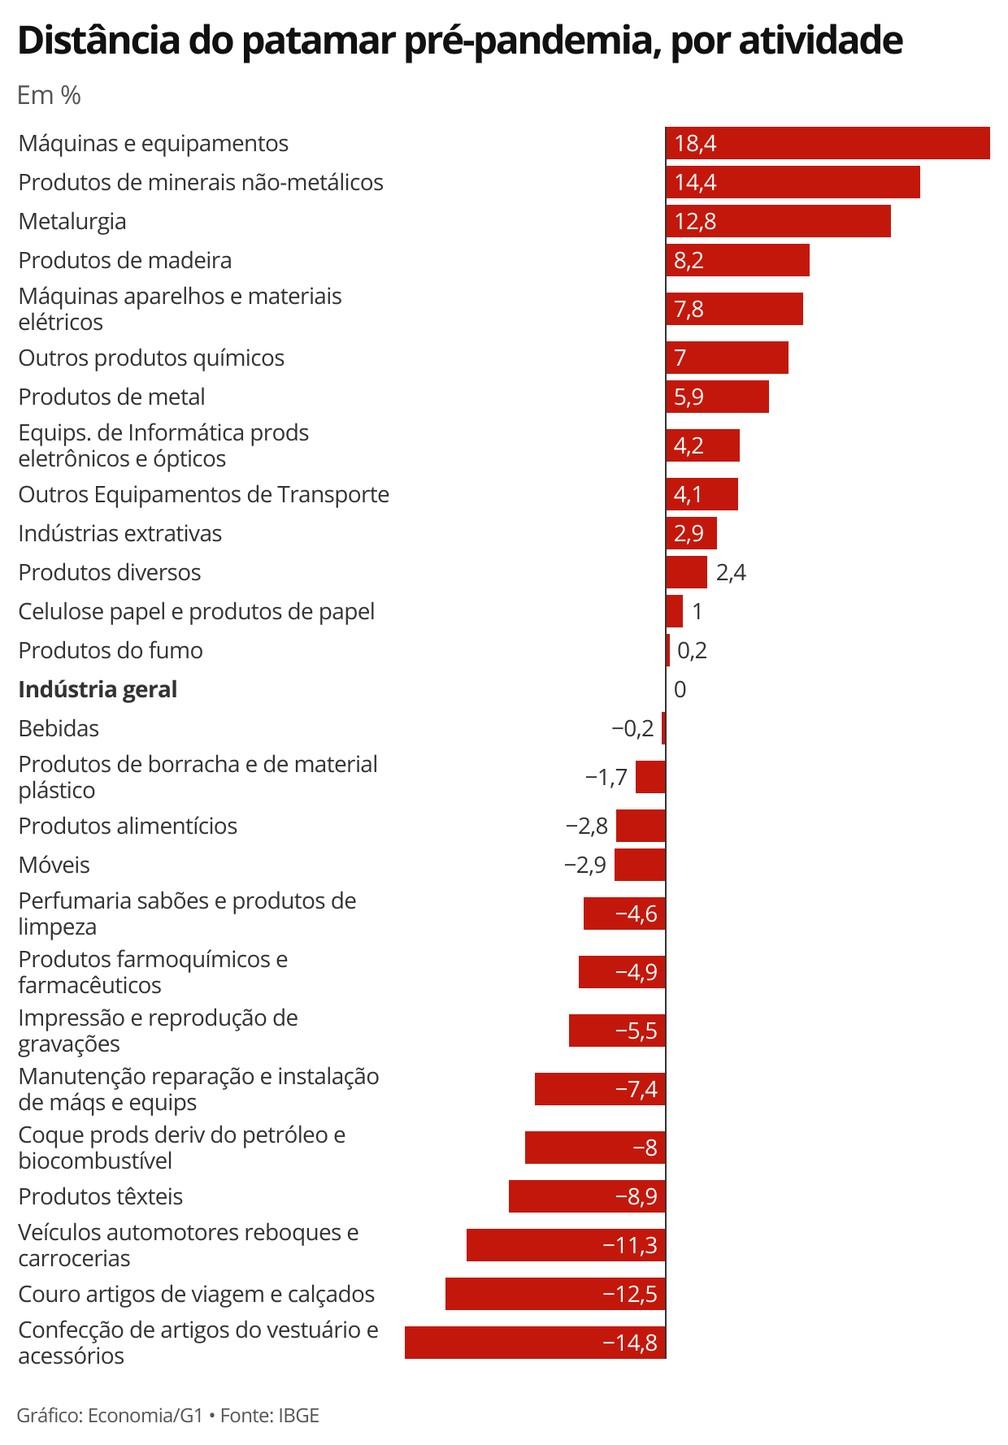 Apenas metade das atividades industriais retomaram em maio o patamar pré-pandemia, segundo o IBGE. — Foto: Economia/G1